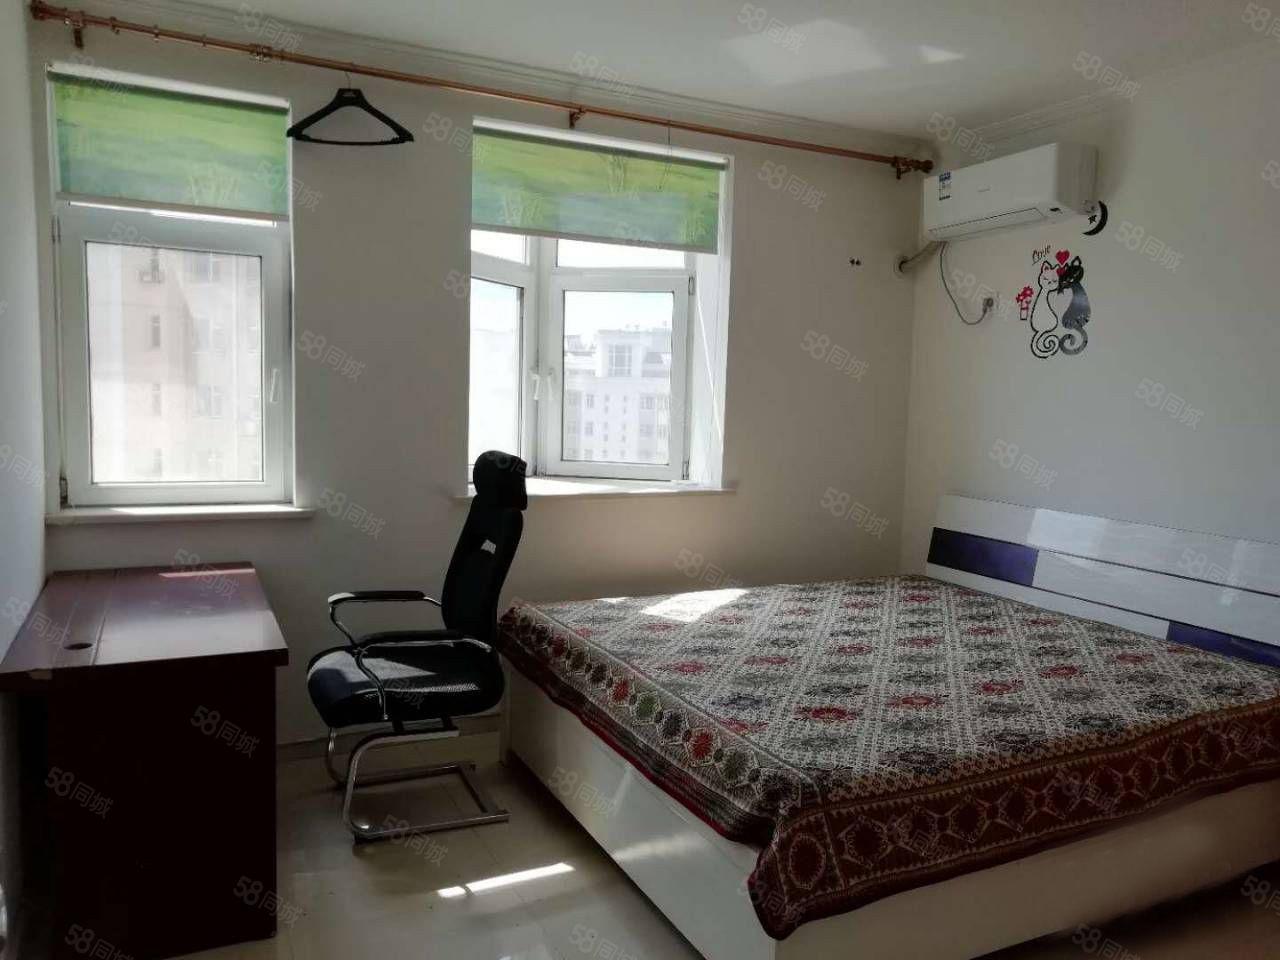 兴隆大家庭旁曼哈顿1室年付2万家电齐全不包取暖有空调